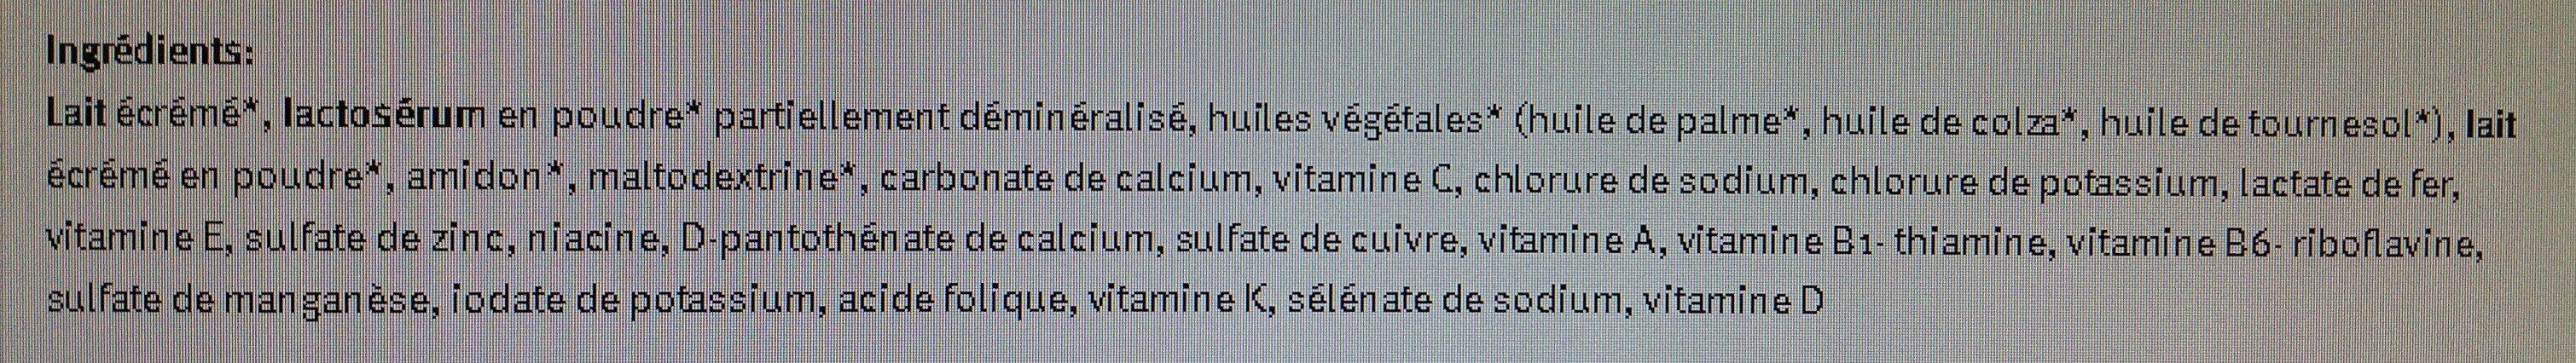 Bio Lait de croissance dès 12 mois / Kindermilch Ab 12 Monaten - Ingrédients - fr